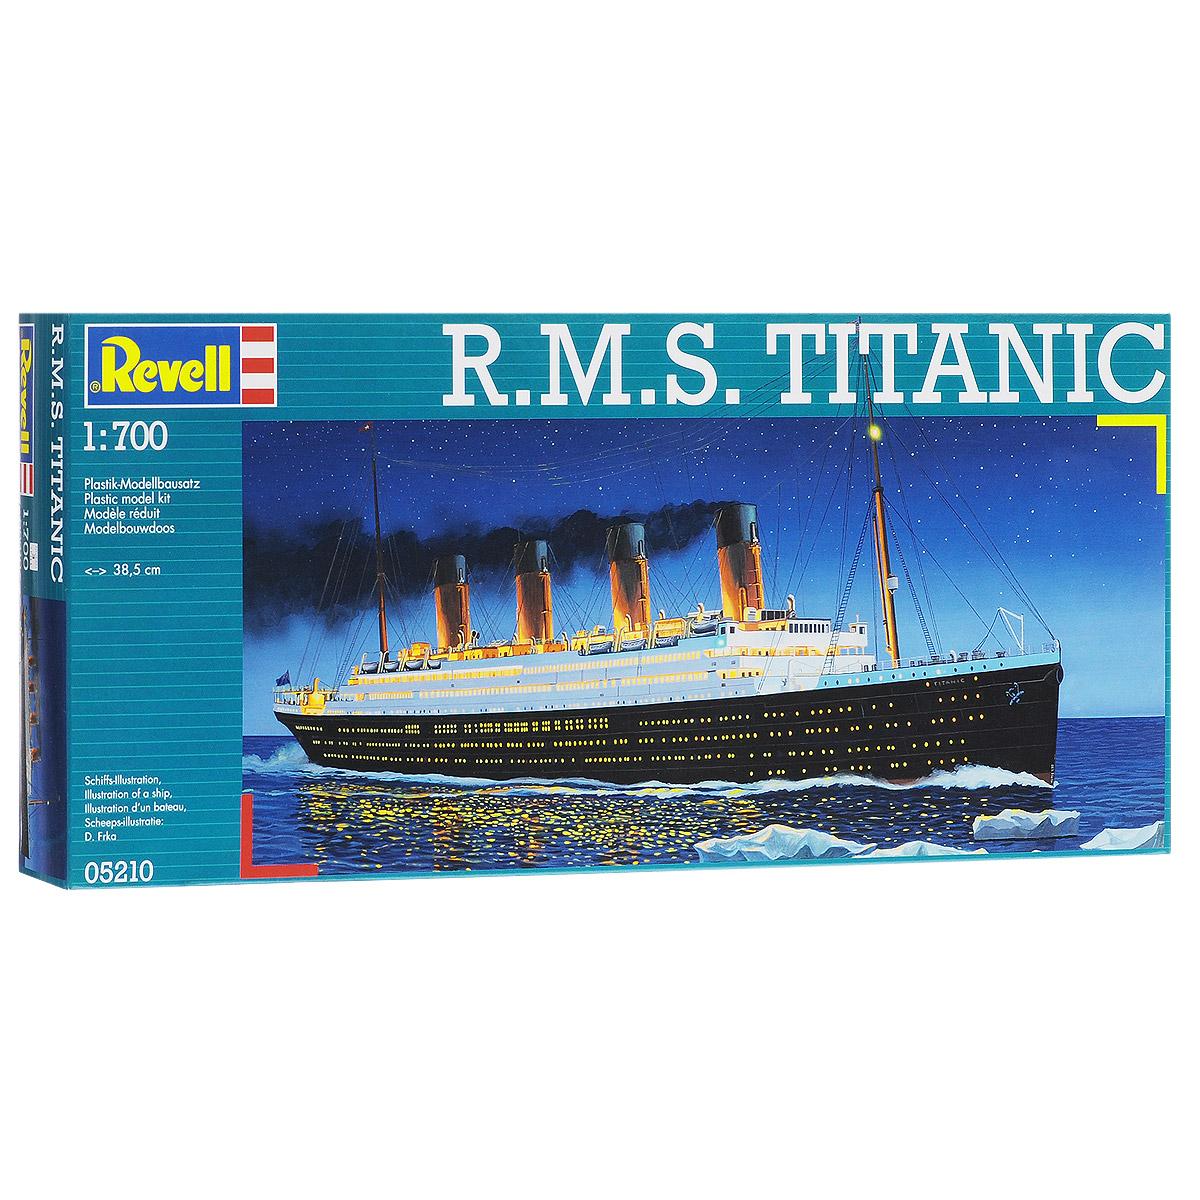 Сборная модель Revell Корабль R.M.S. Titanic, 132 элемента05210Сборная модель Revell Корабль R.M.S. Titanic поможет вам и вашему ребенку придумать увлекательное занятие на долгое время. Набор включает в себя 132 пластиковых элемента, из которых можно собрать достоверную уменьшенную копию одноименного корабля. Титаник (R.M.S. Titanic) - английский пароход произведенный компанией Уайт Стар Лайн, был вторым из трех кораблей-близнецов типа Олимпик. Самый большой пассажирский лайнер мира в свое время. Известен своим печальным первым и единственным рейсом -14 апреля 1912 года, во время которого столкнулся с айсбергом и в течении 2 часов 40 минут затонул. В тот момент на корабле находилось 908 членов экипажа, 1316 пассажиров, всего 2224 человека. Спастись смогли только 711 человек, 1513 погибло. Крушение Титаника стало легендарным, на основе этих событий было снято множество художественных фильмов. Также в наборе схематичная инструкция по сборке. Процесс сборки развивает интеллектуальные и инструментальные способности,...